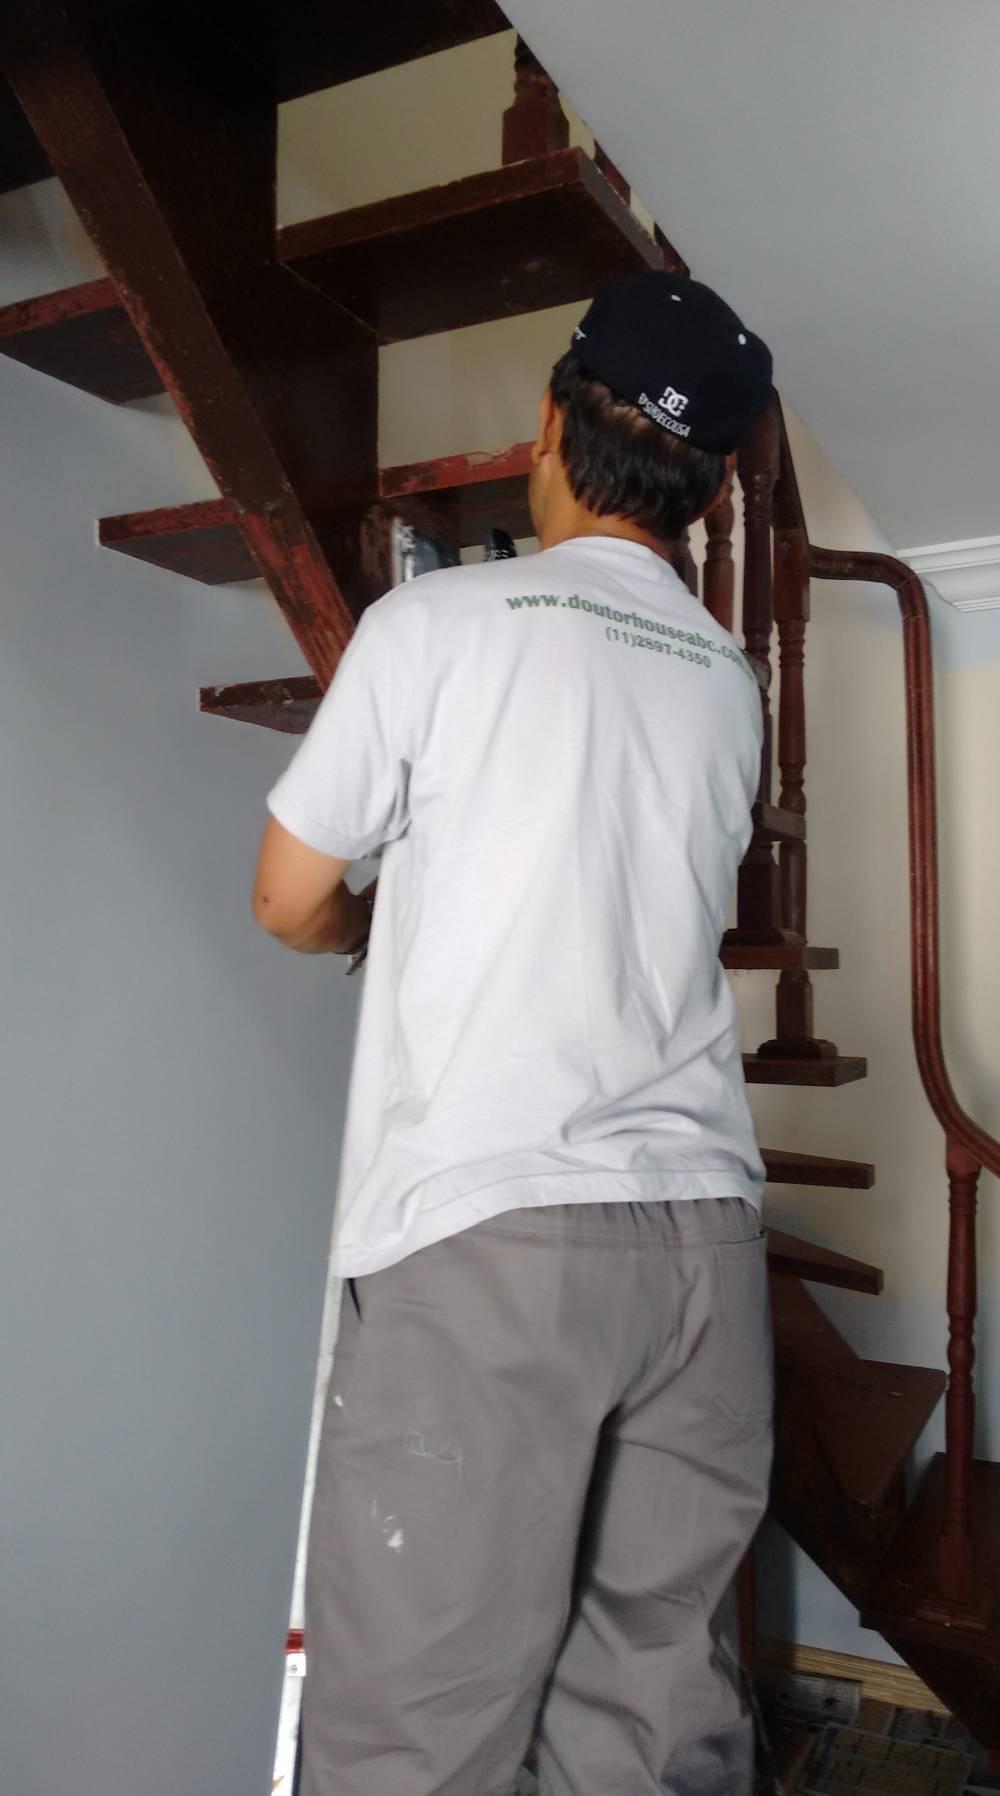 Profissional para Fazer Manutenções em Casas no Olímpico - Manutenção Residencial SP